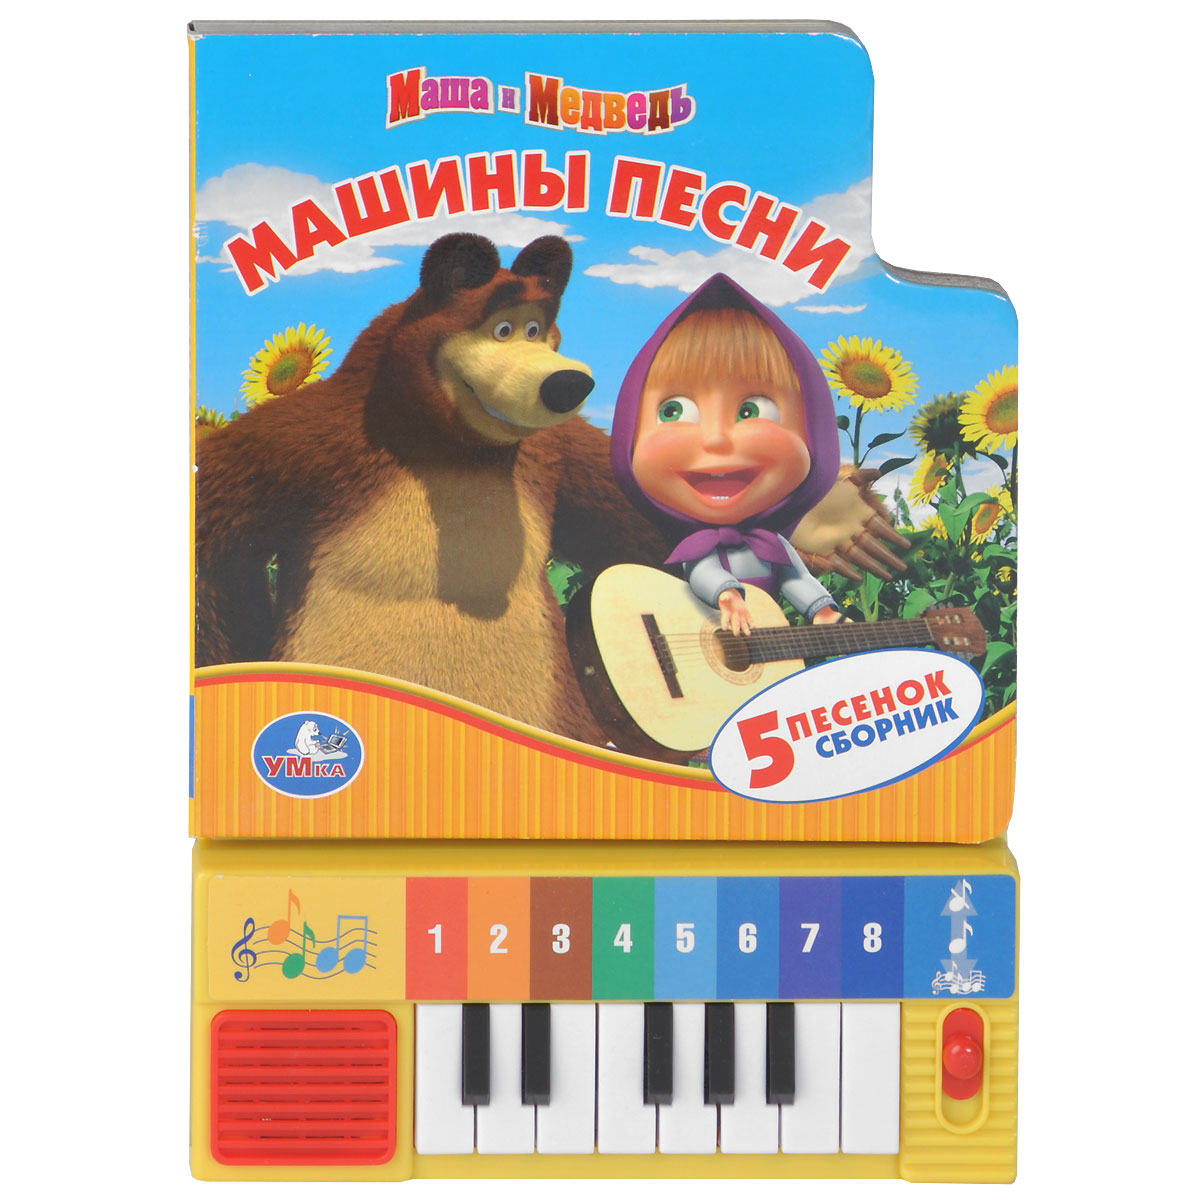 Маша и Медведь. Машины песни. Книжка-игрушка браслет и заколки резинки из мультика маша медведь интернет магазин